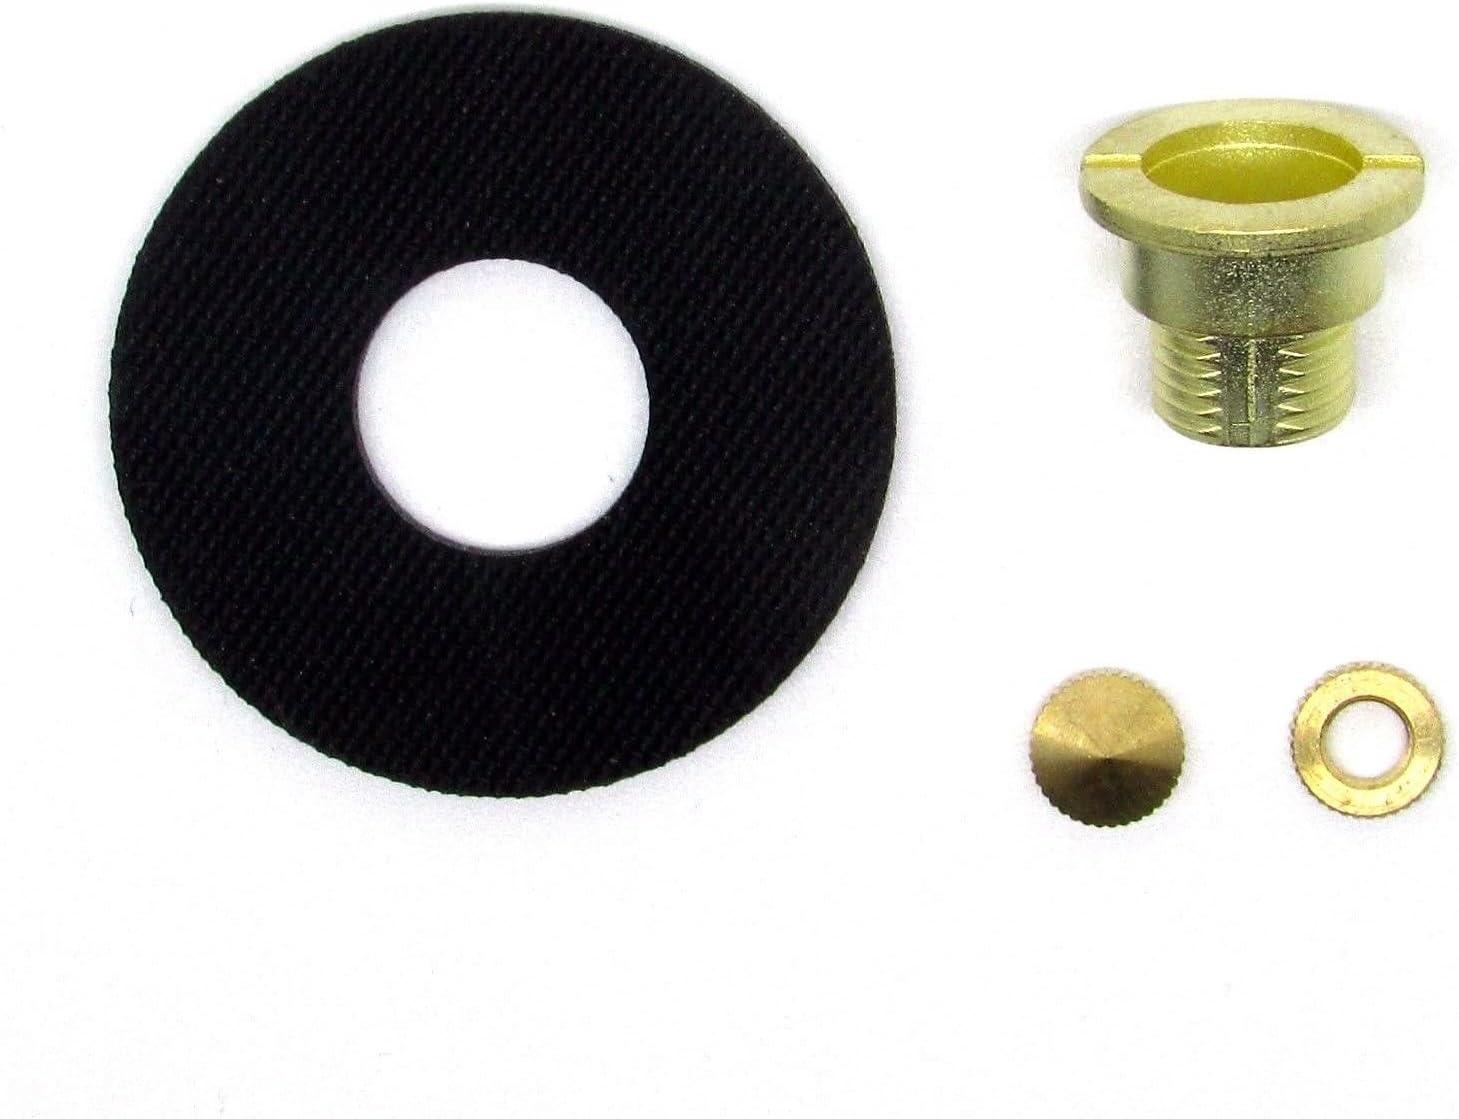 UTS funkuhrwer quartz horloge silencieux avec pendule propulsion Zeigersatz ensemble complet